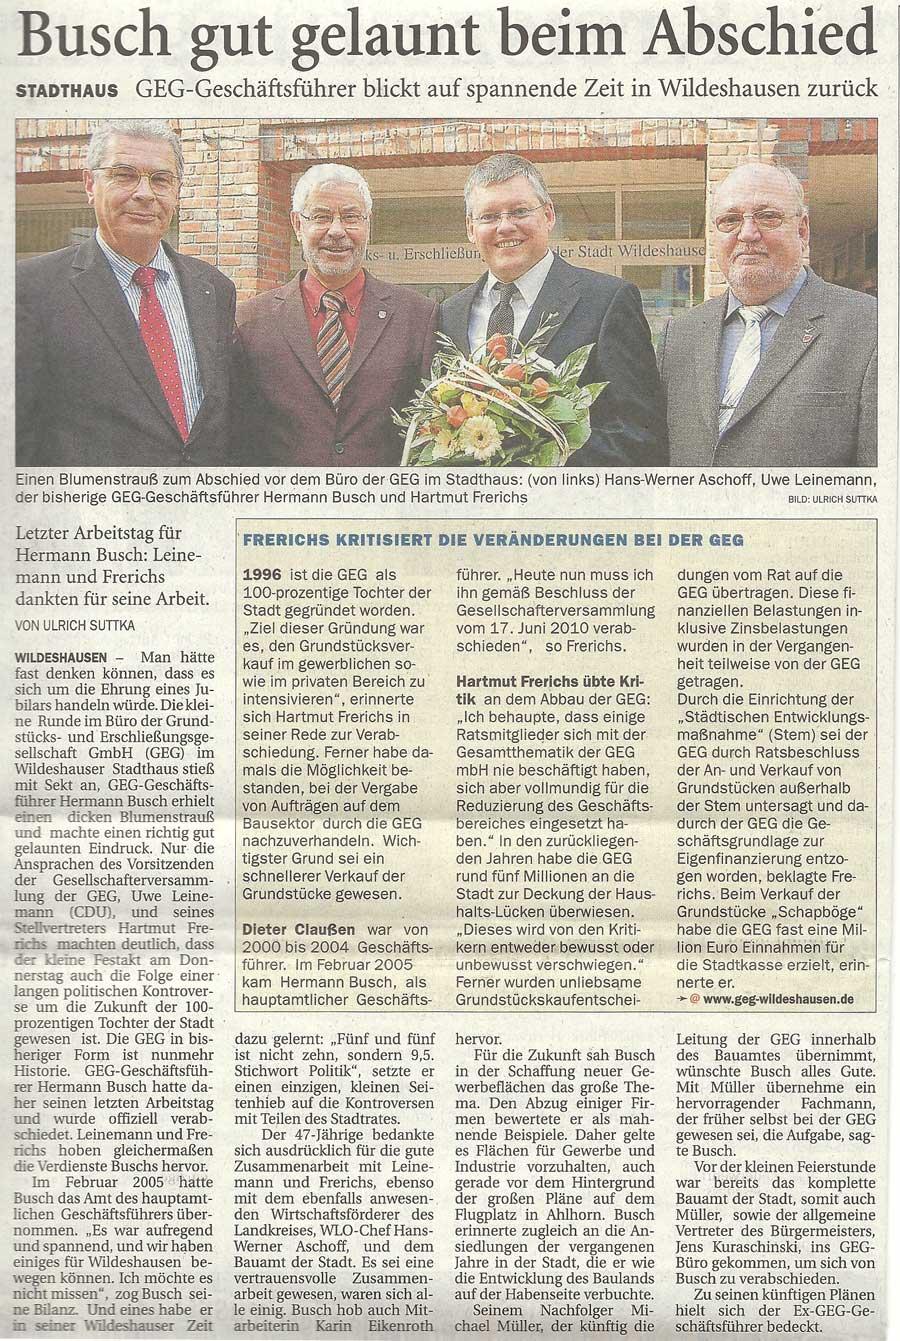 Busch gut gelaunt beim AbschiedStadthaus: GEG-Geschäftsführer blickt auf spannende Zeit in Wildeshausen zurückArtikel vom 01.10.2010 (NWZ)